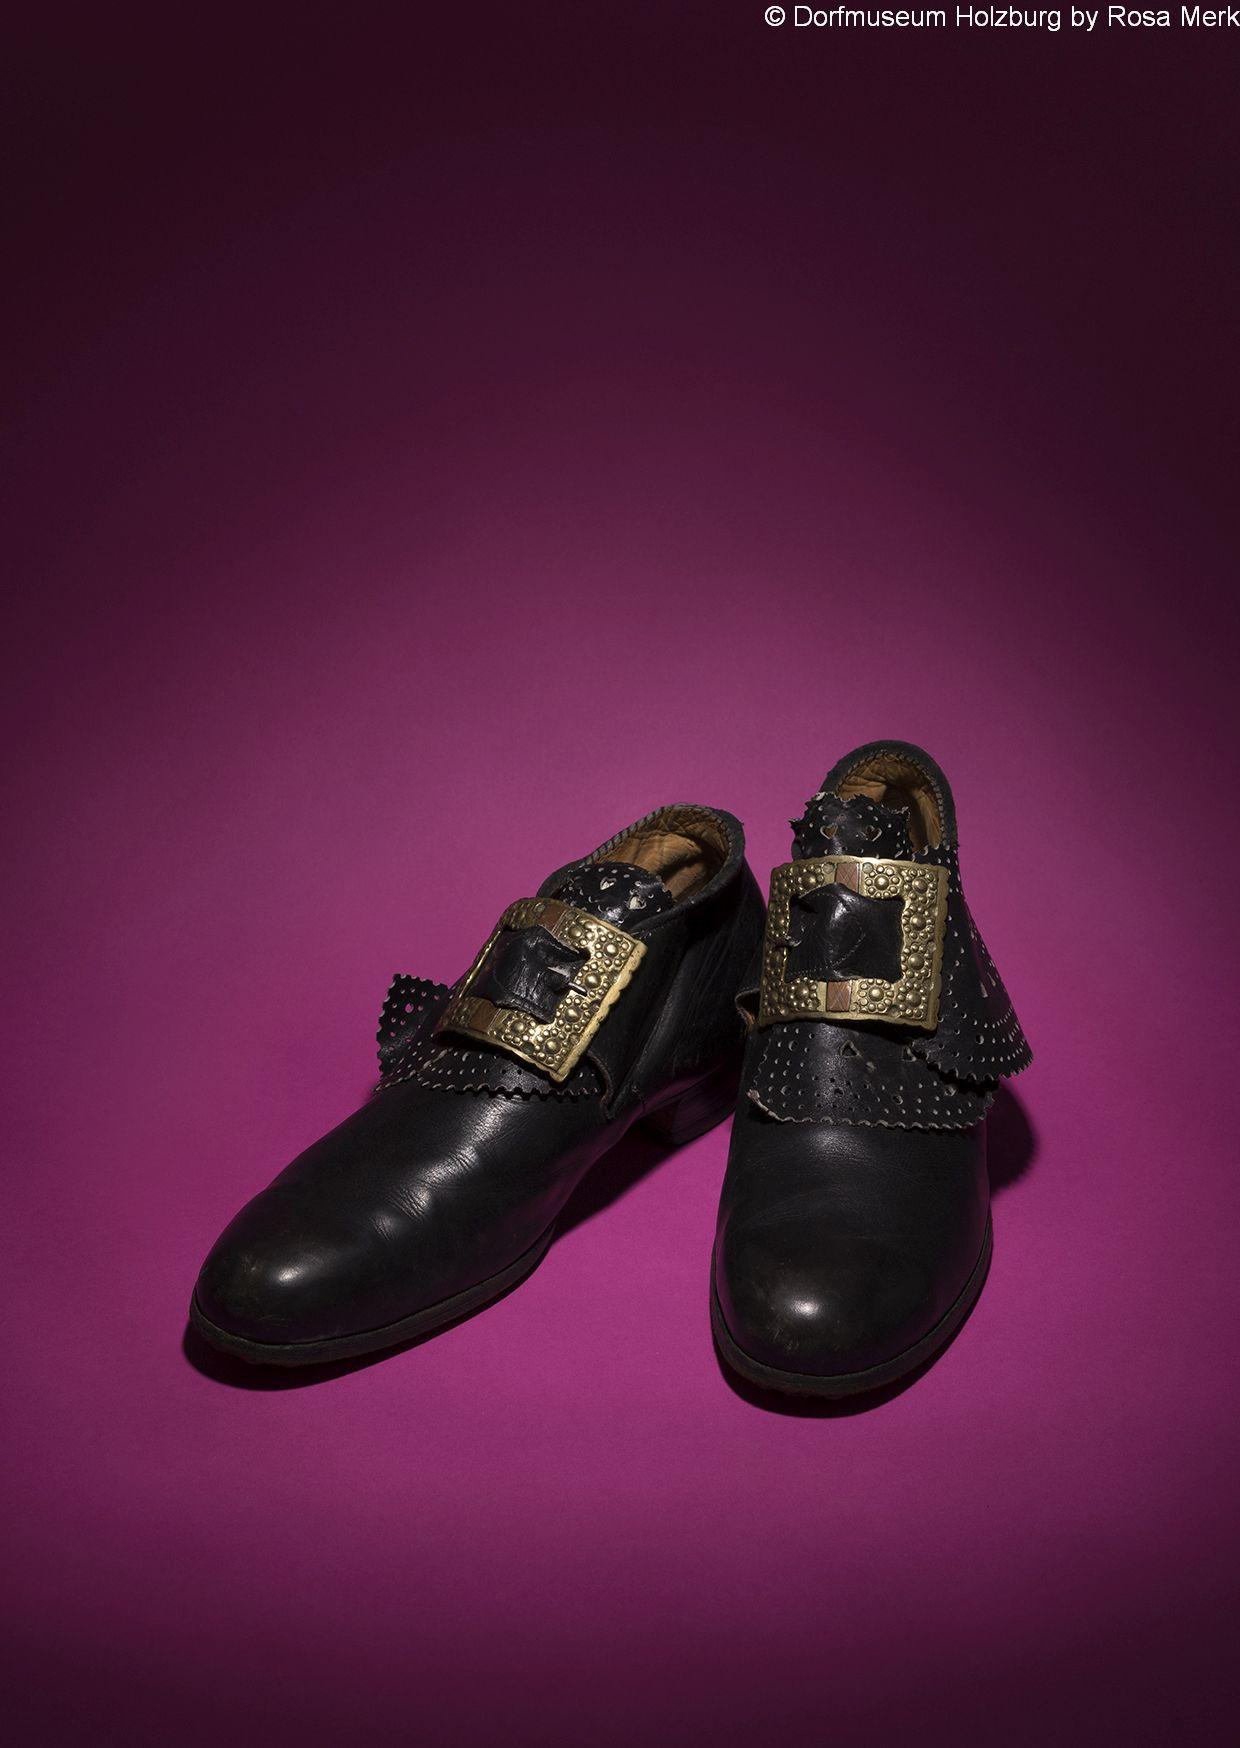 Schwarze Lederschuhe für Frauen, 20. Jh., punzierte rechteckige Schnalle mit herzförmiger Schlaufe